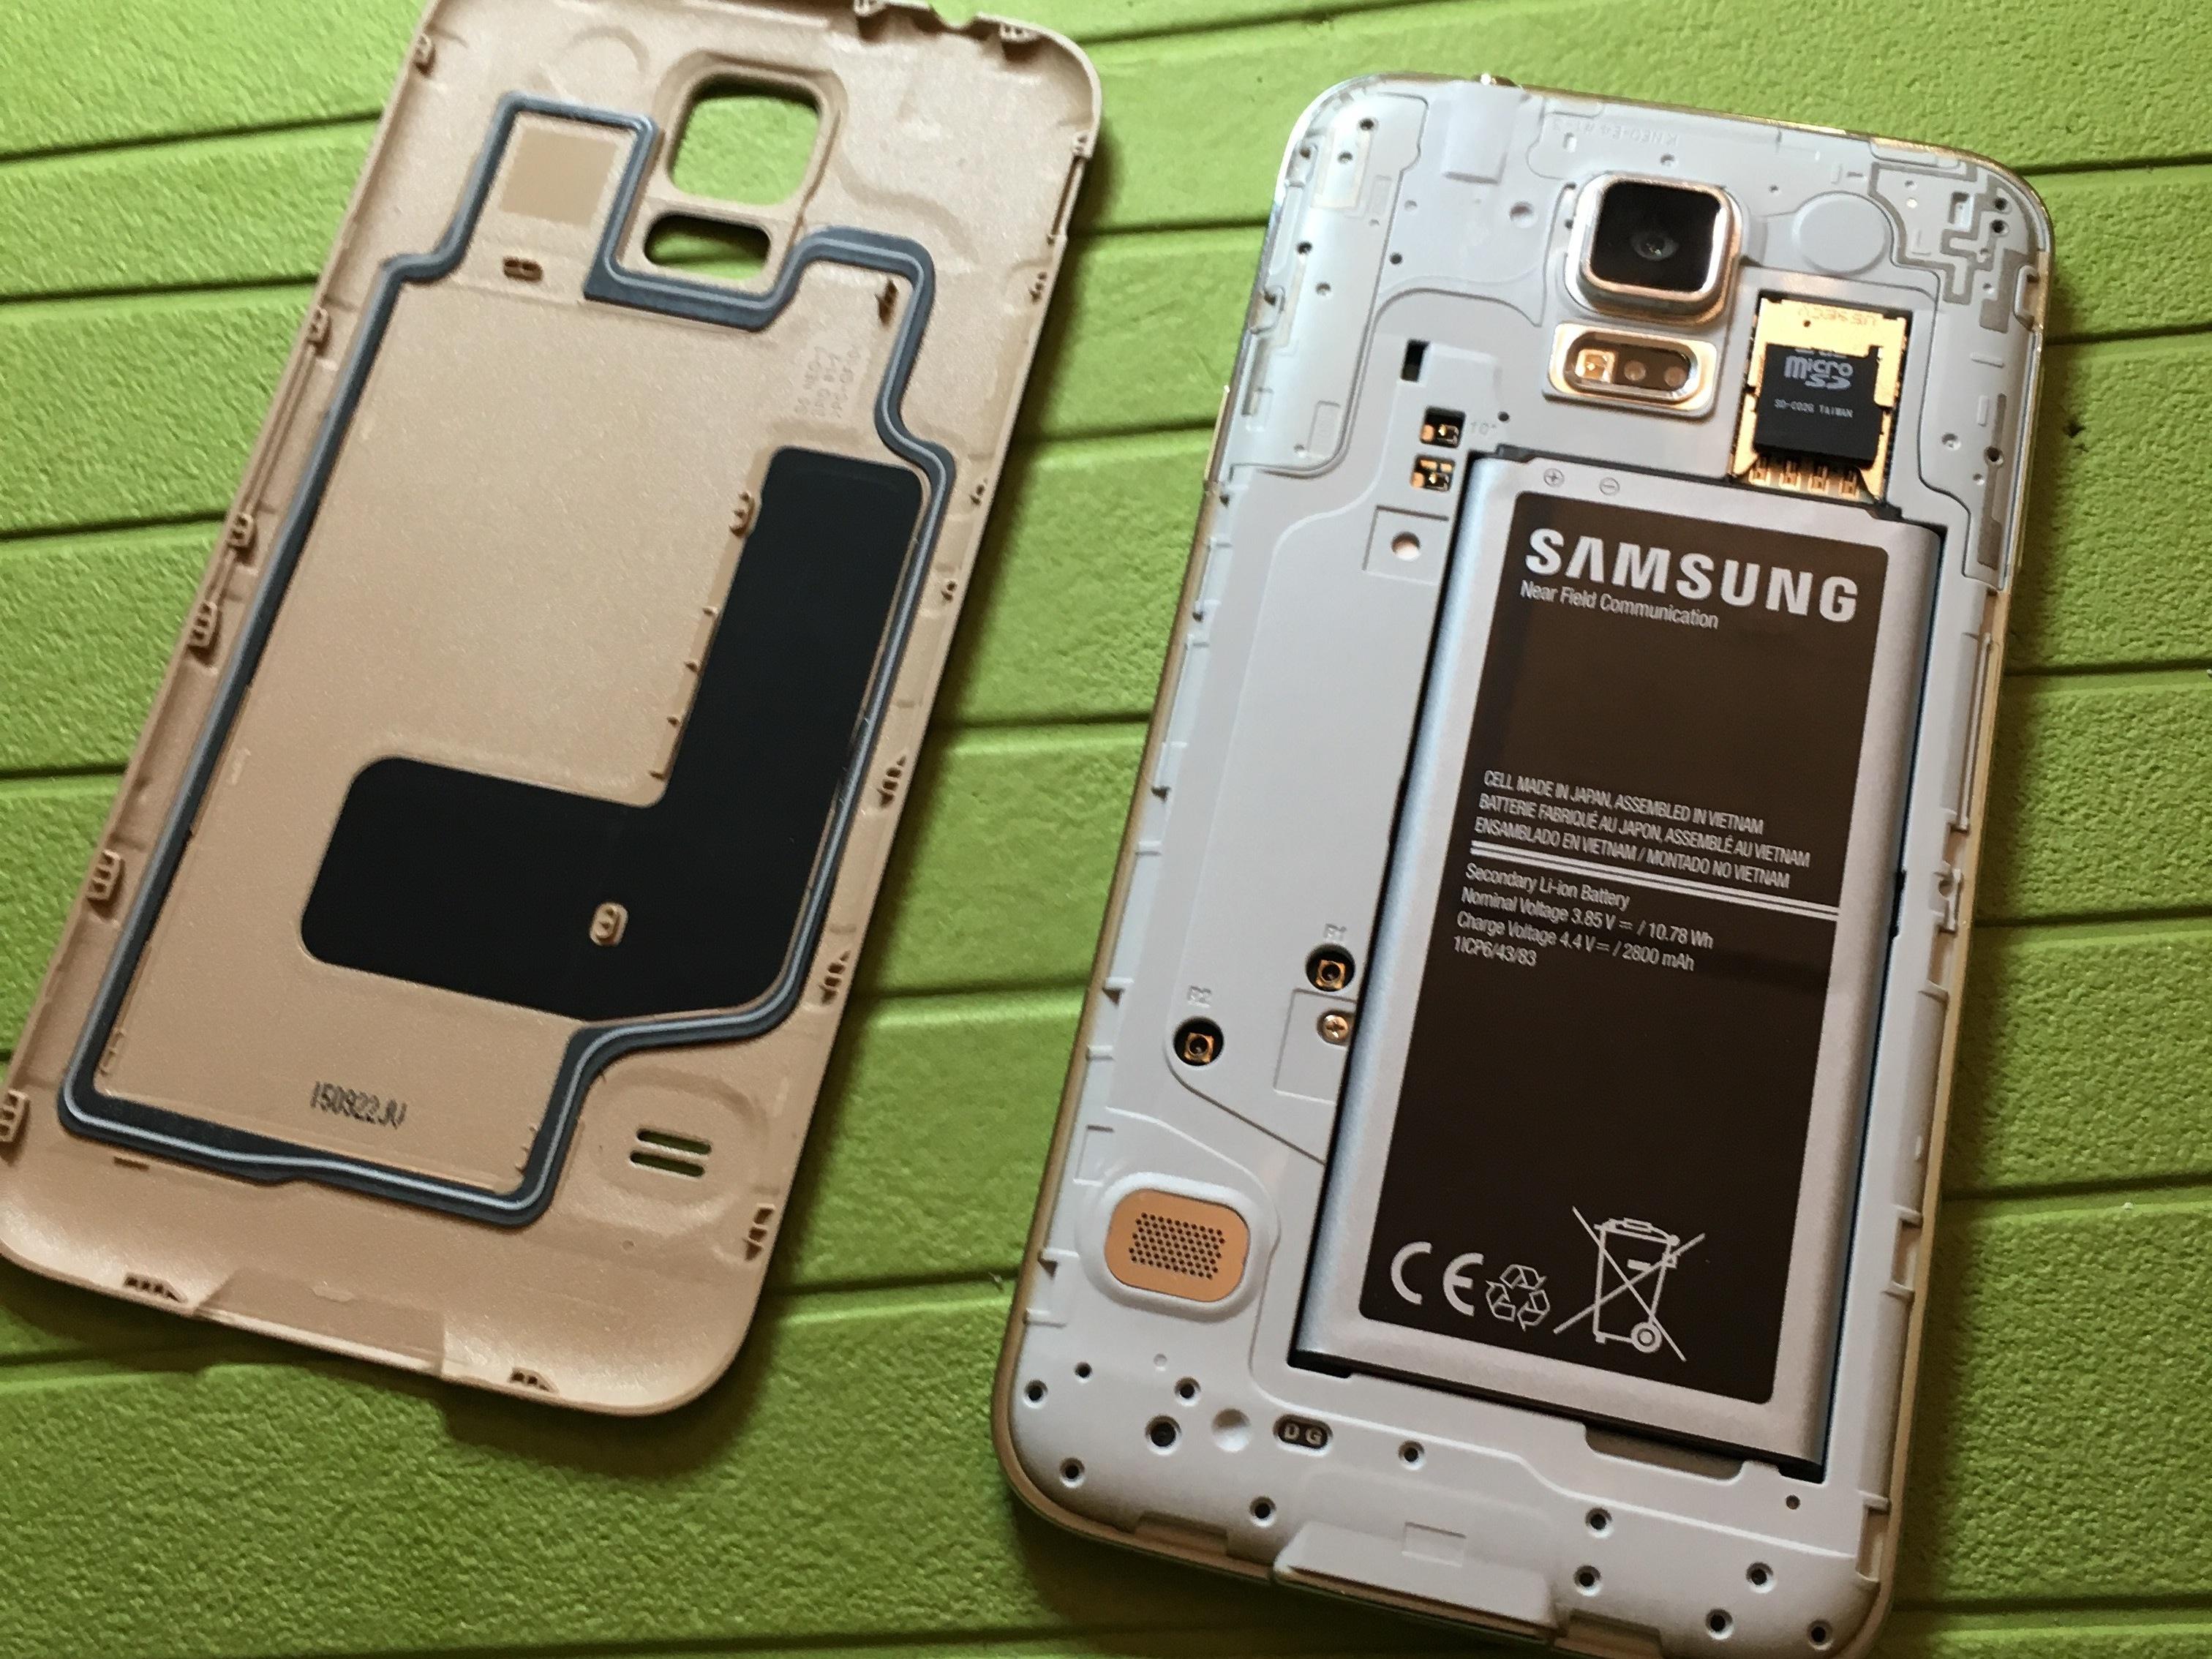 درب پشت Galaxy S5 Neo تعمیری را باز کنید.